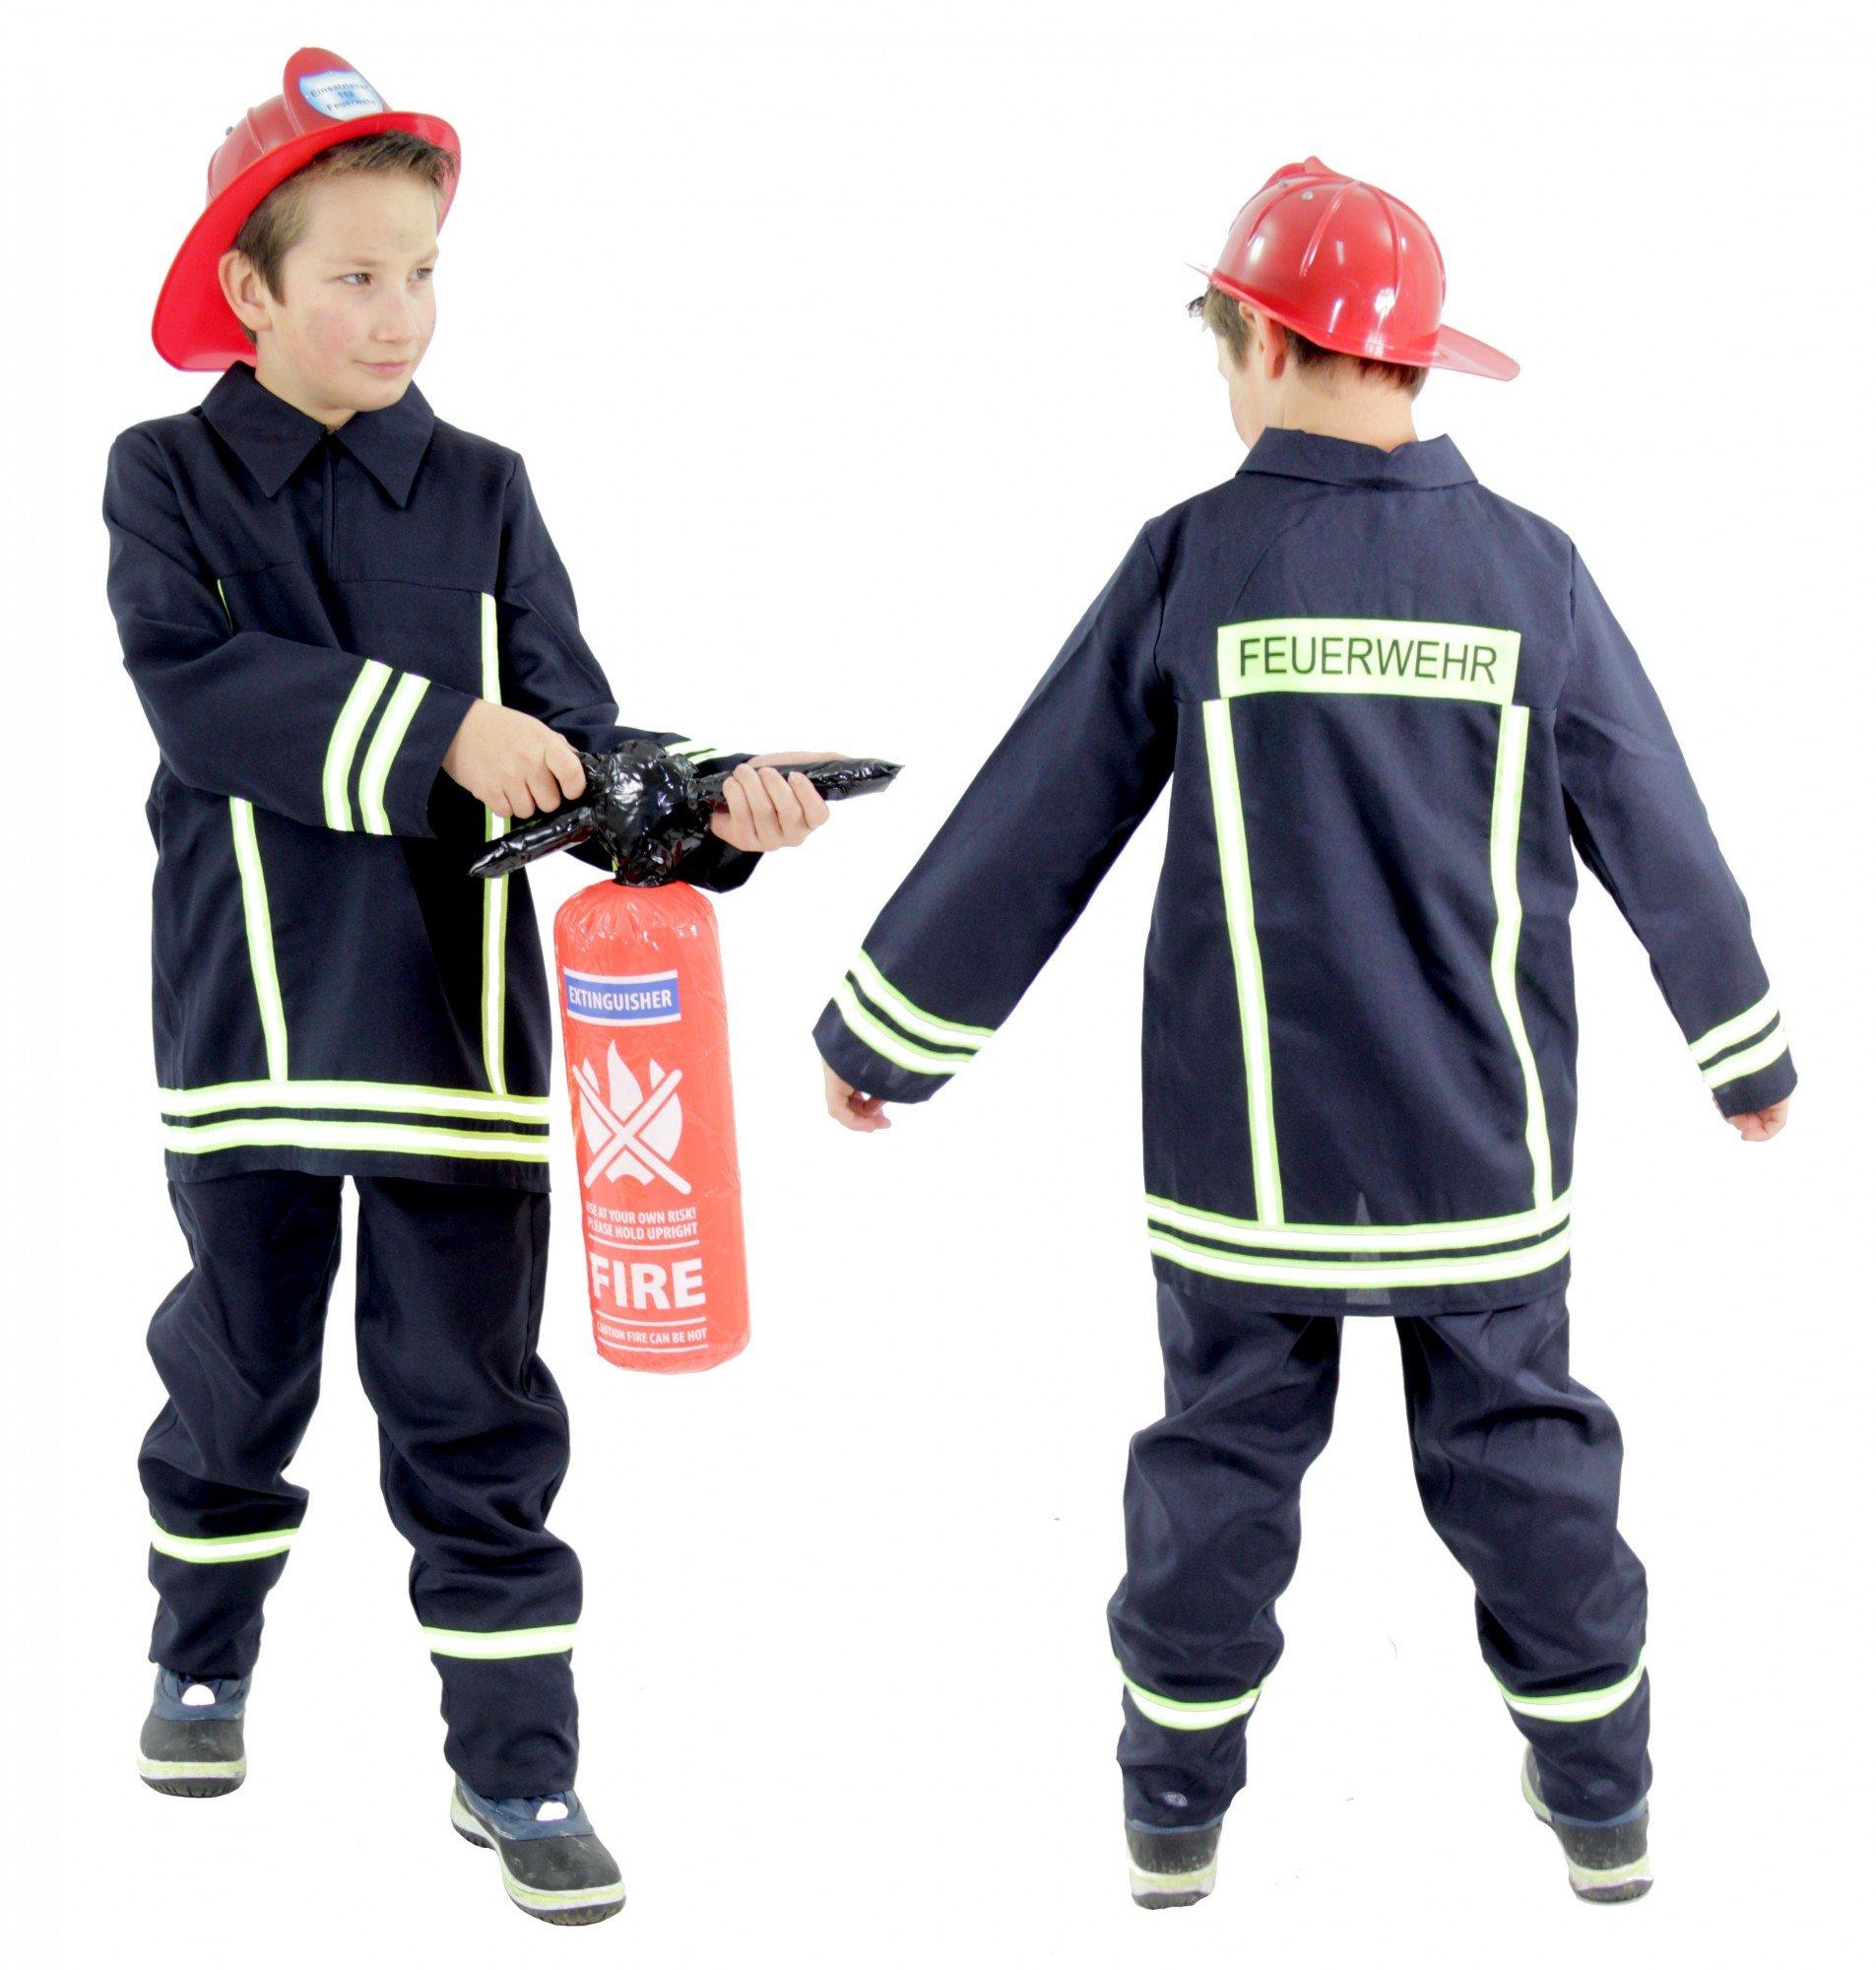 Foxxeo Feuerwehr Kostüm für Kinder – Verschiedene Größen von 92 bis 134 - Feuerwehrmann Kostüm für Jungen Fasching…